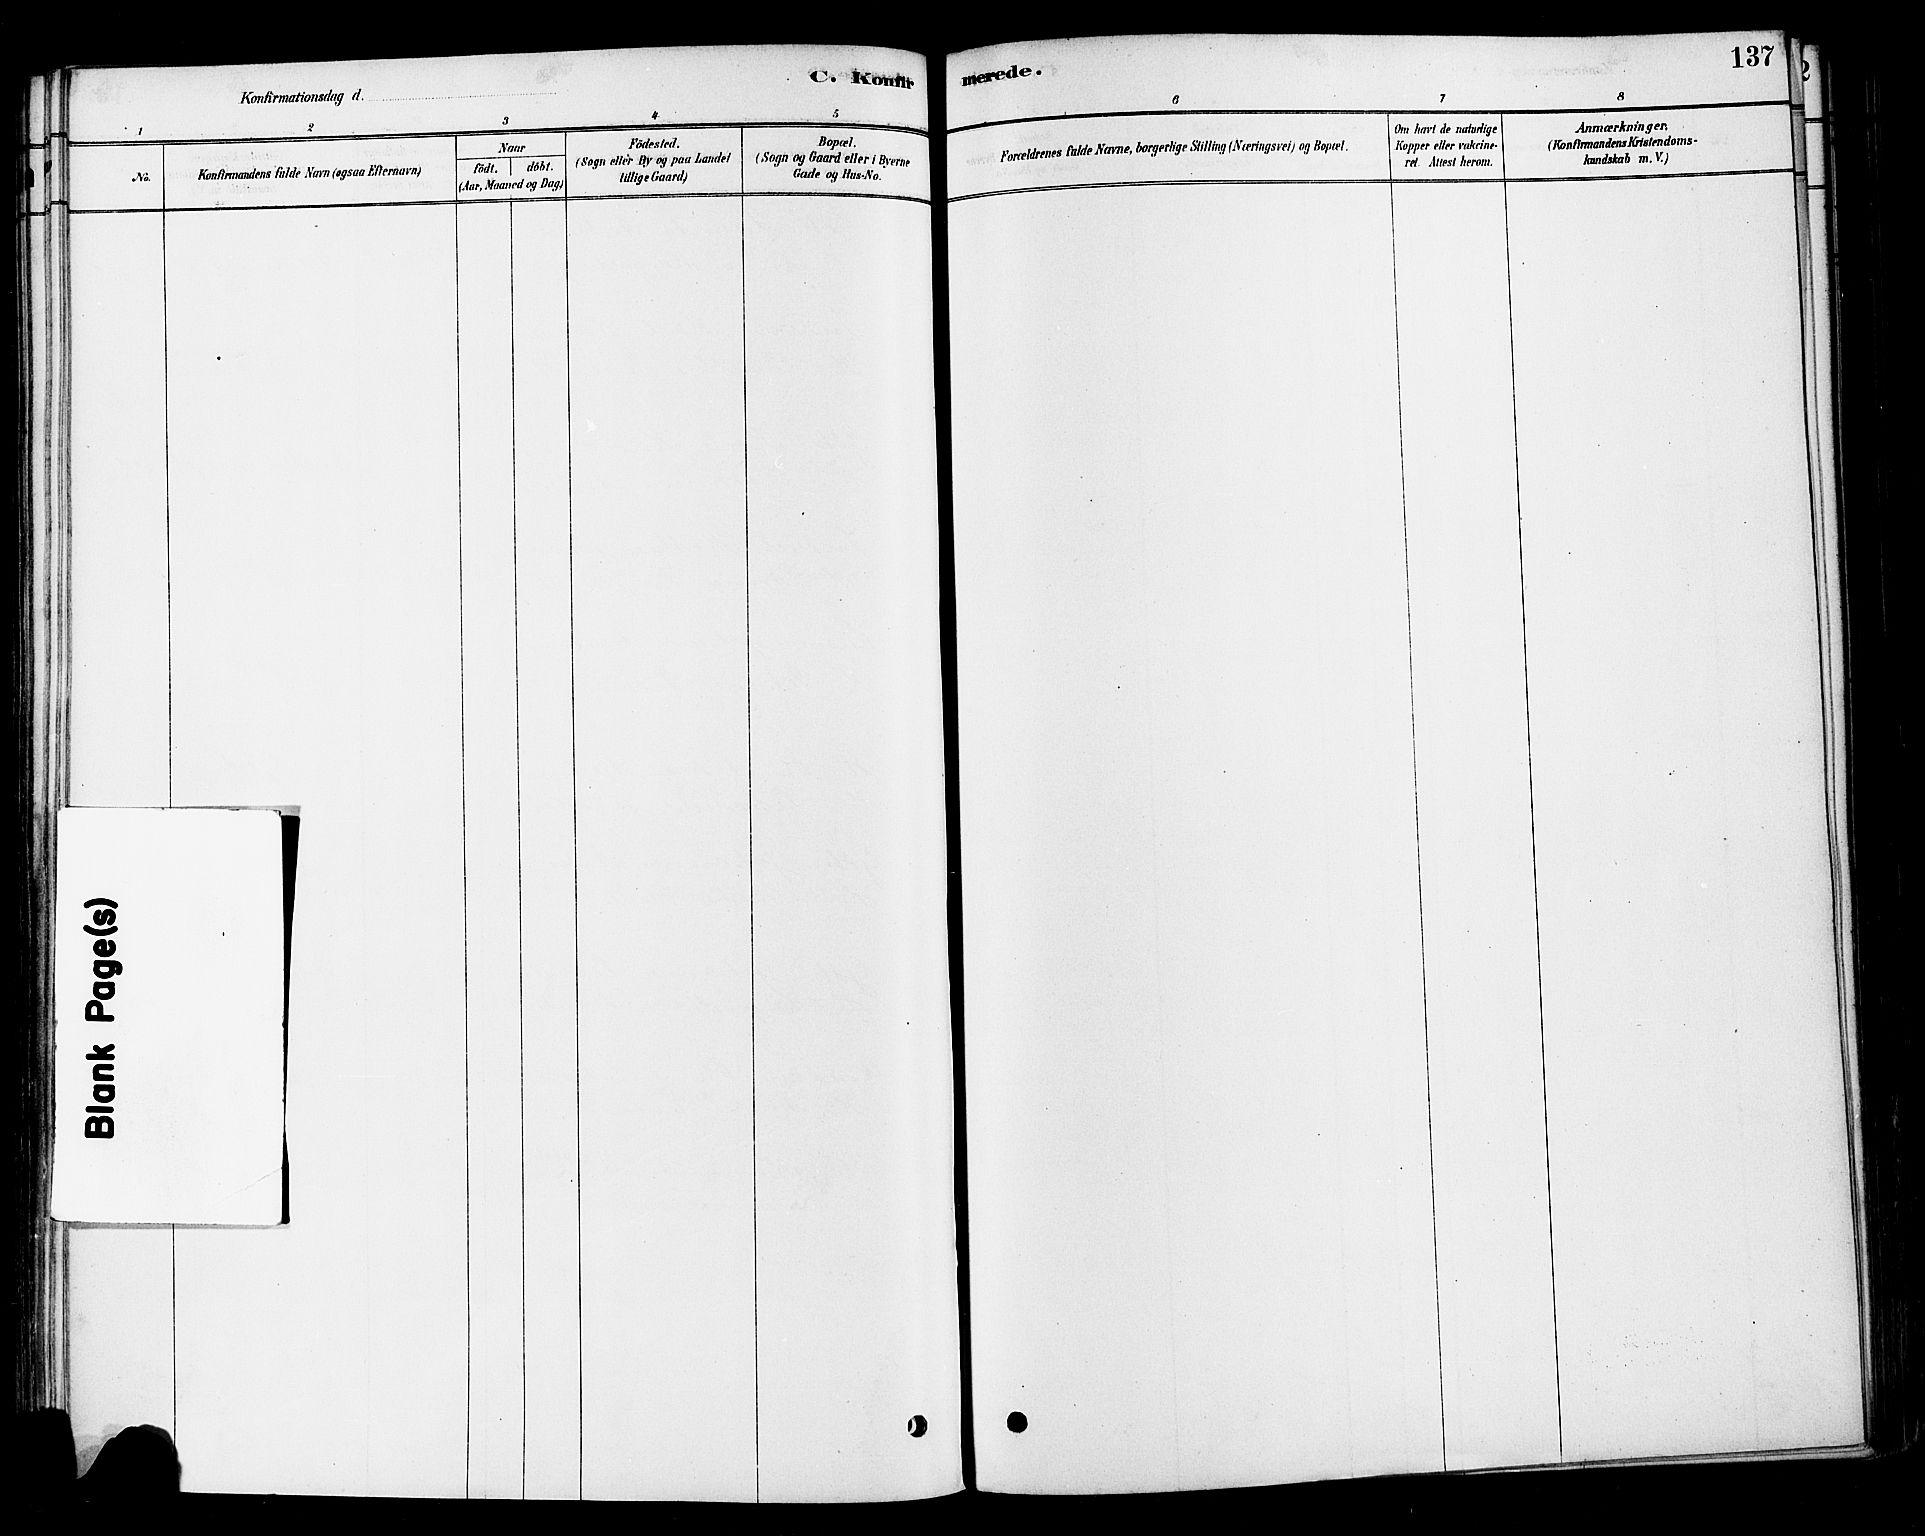 SAH, Vestre Toten prestekontor, Ministerialbok nr. 10, 1878-1894, s. 137